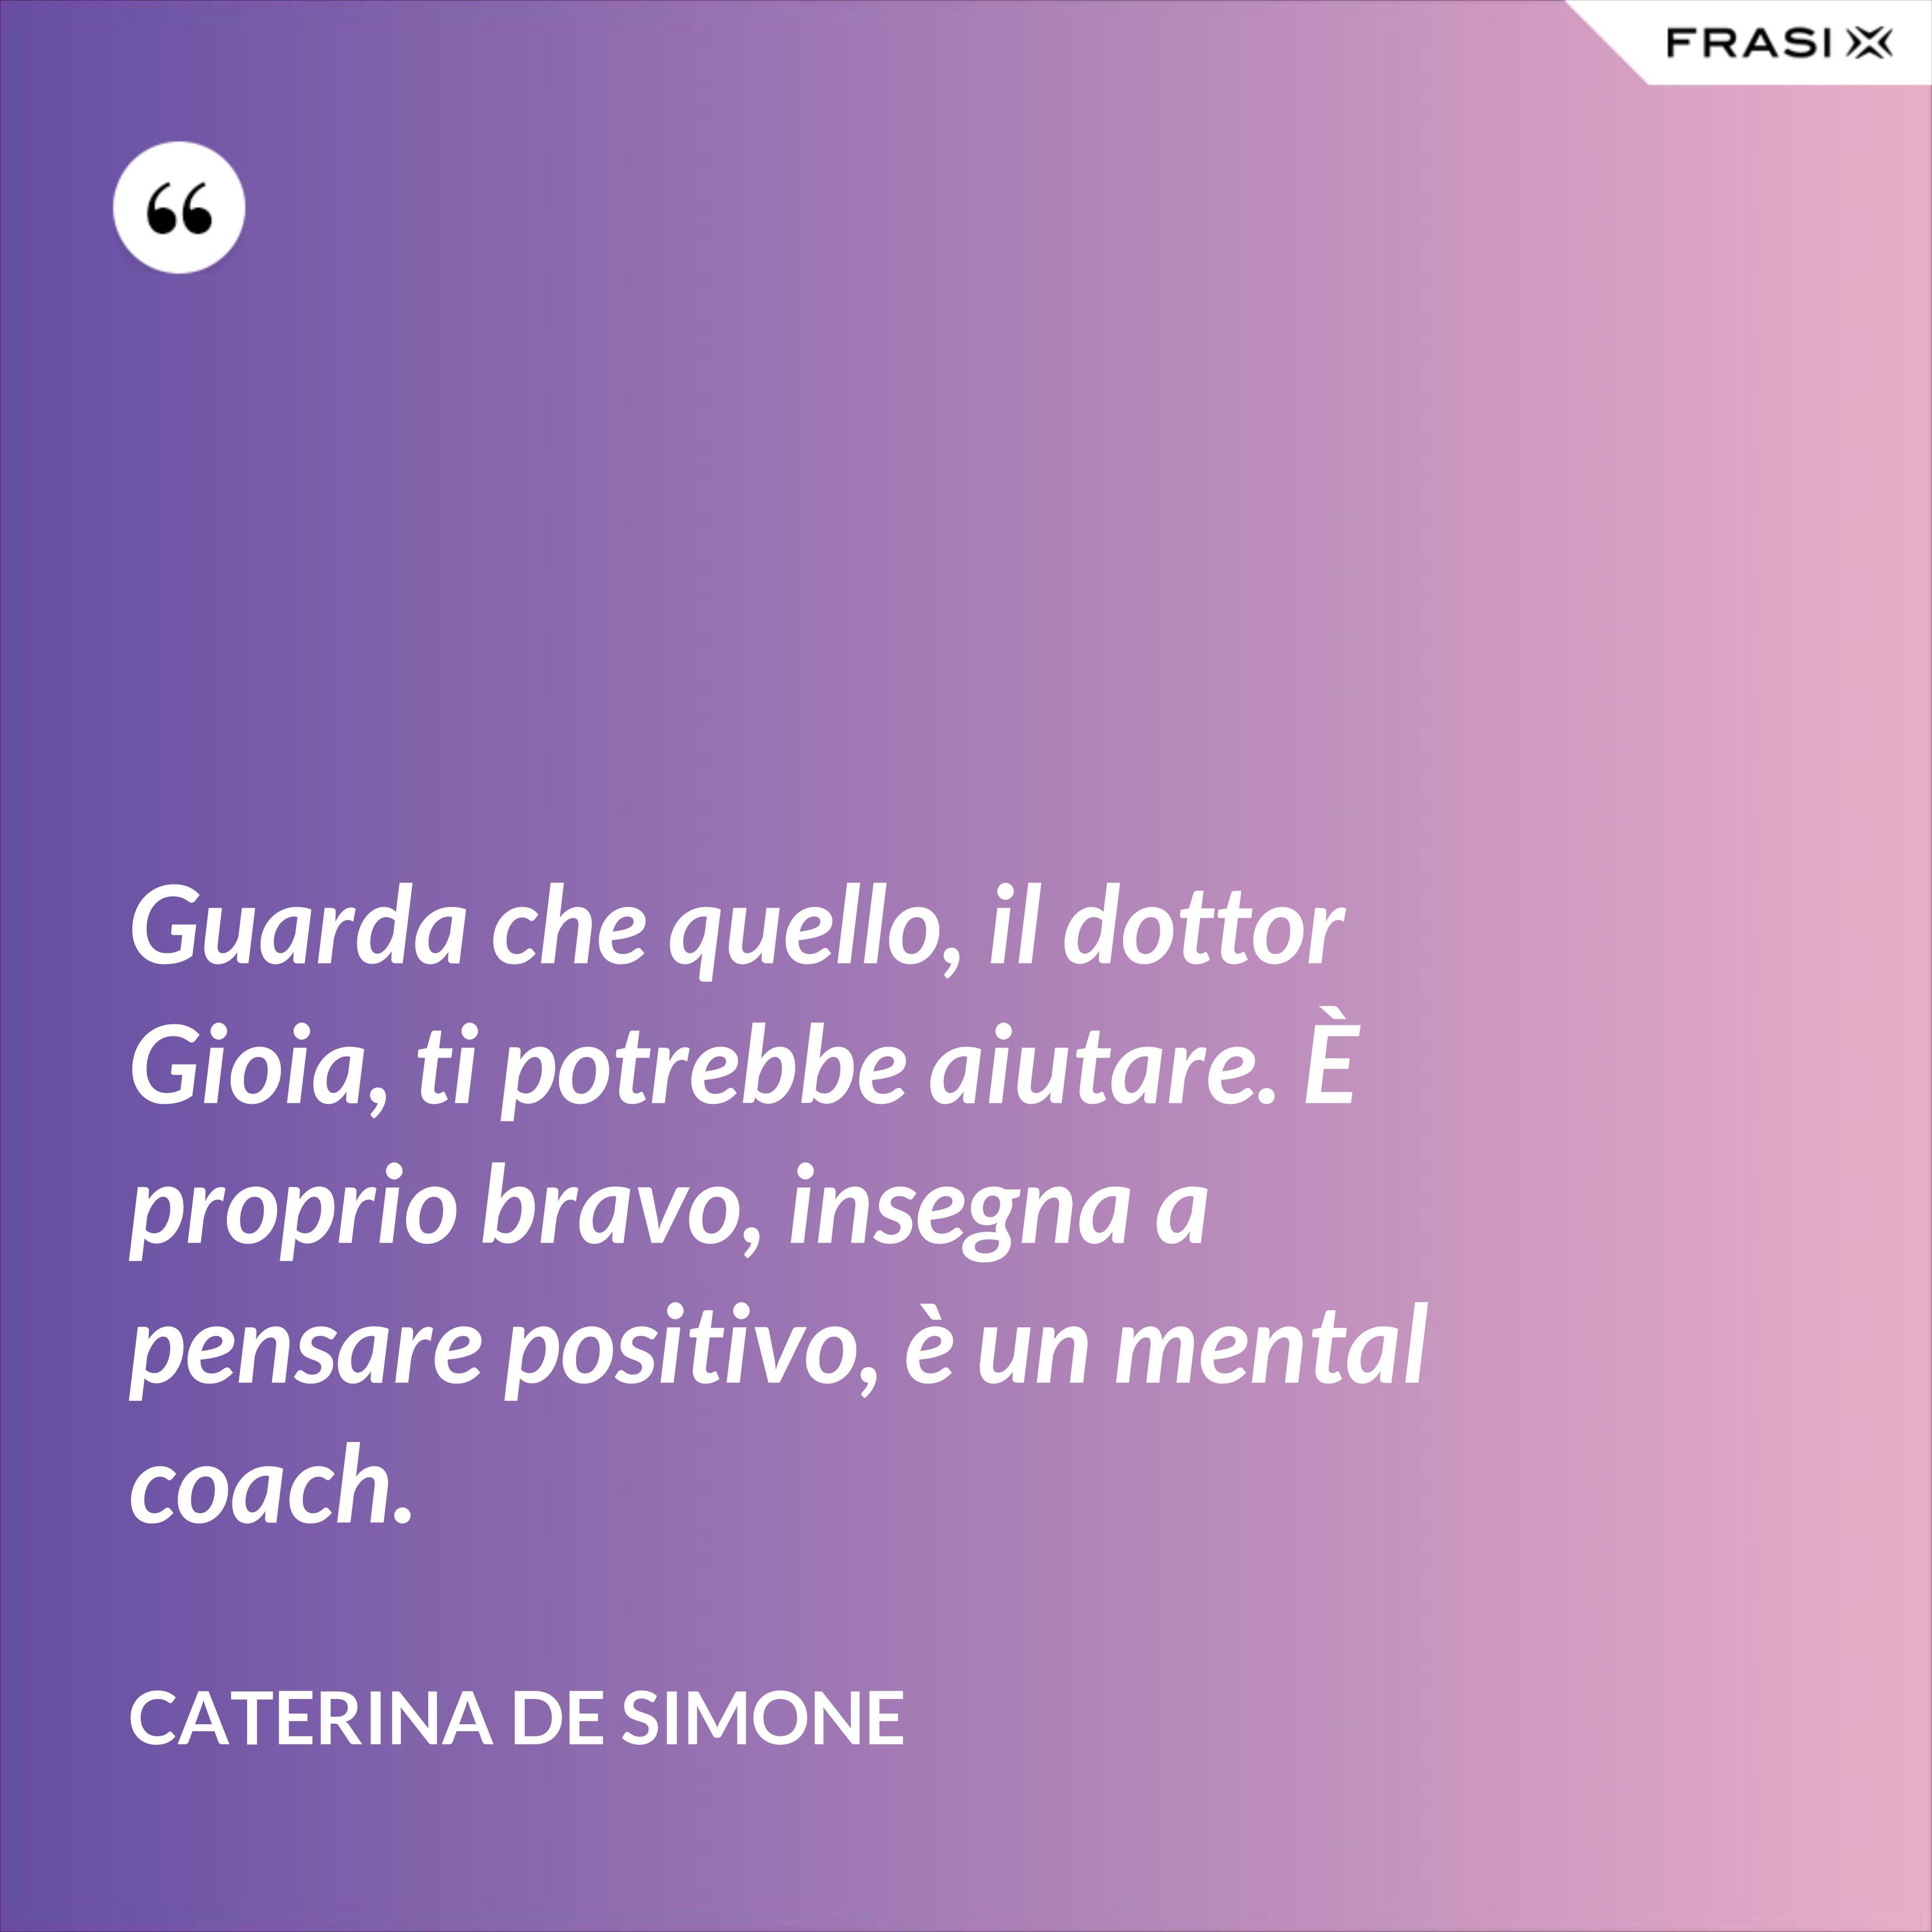 Guarda che quello, il dottor Gioia, ti potrebbe aiutare. È proprio bravo, insegna a pensare positivo, è un mental coach. - Caterina De Simone